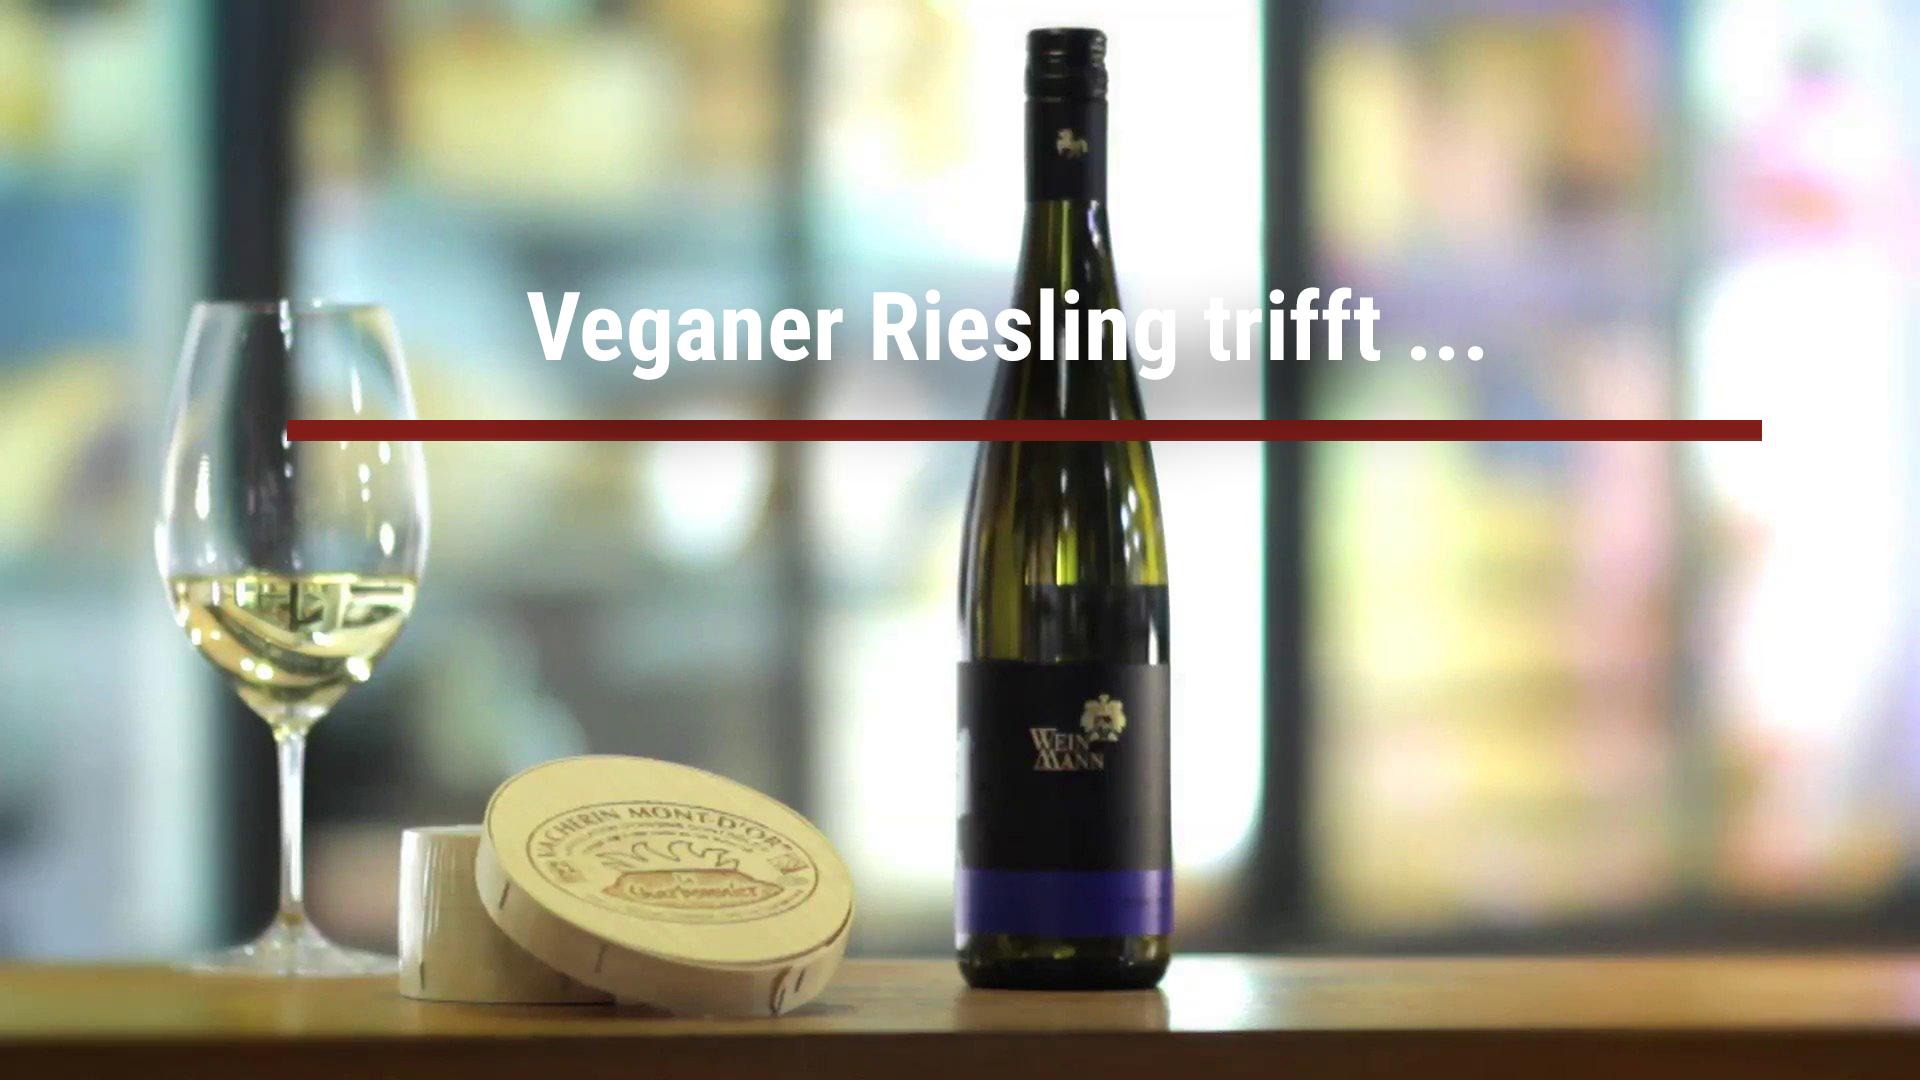 Vegan Riesling meets …